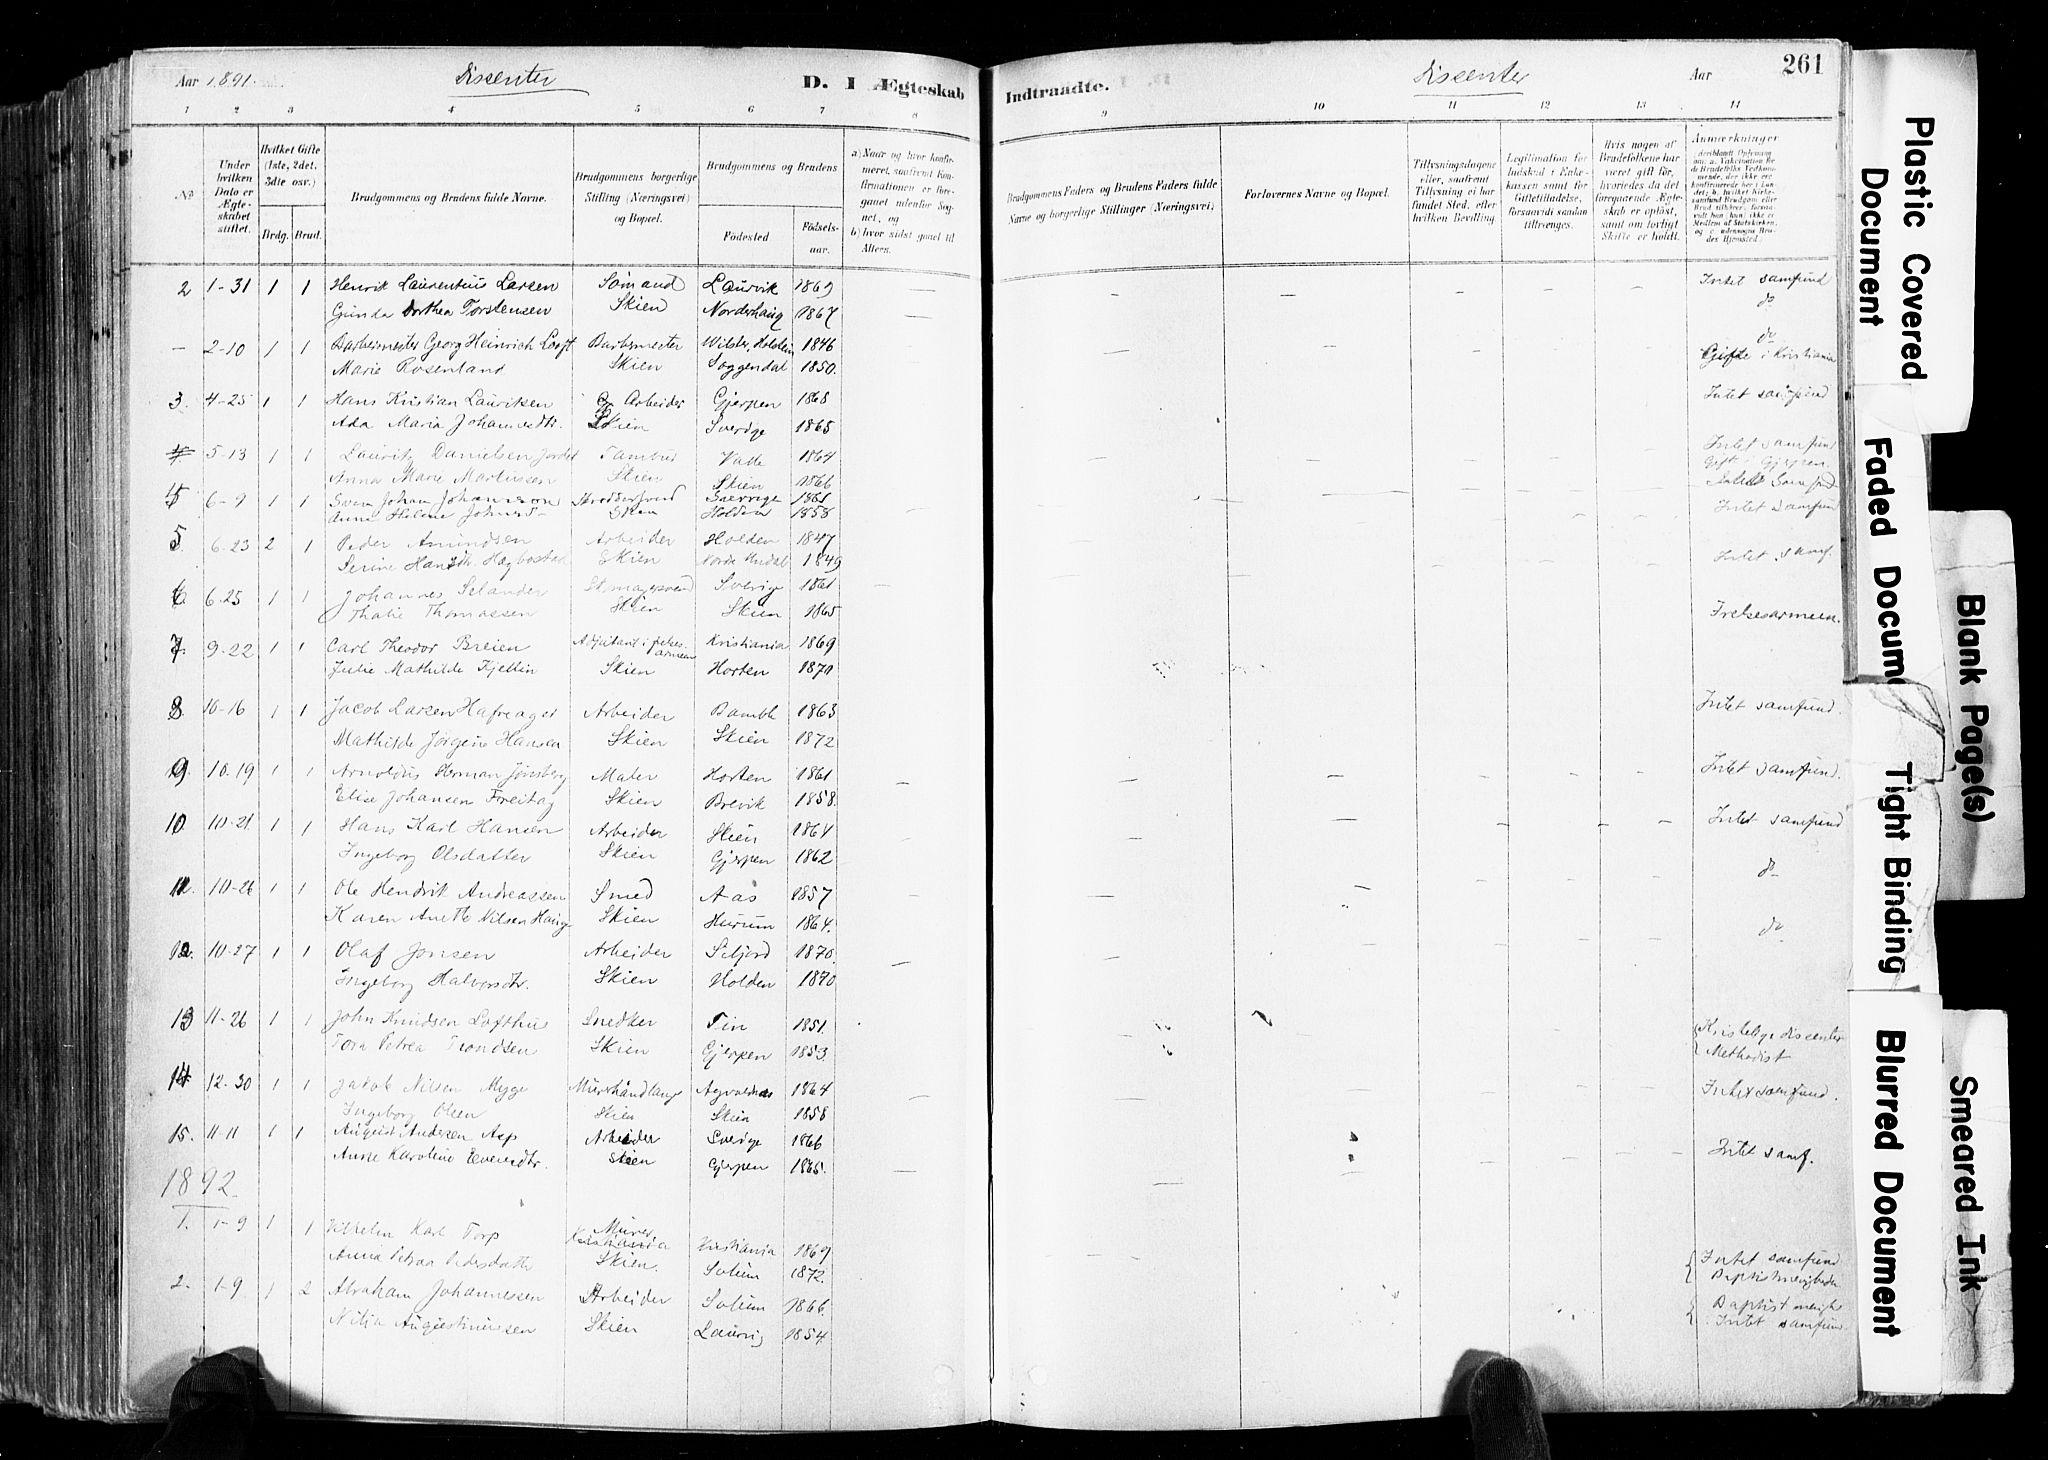 SAKO, Skien kirkebøker, F/Fa/L0009: Ministerialbok nr. 9, 1878-1890, s. 261